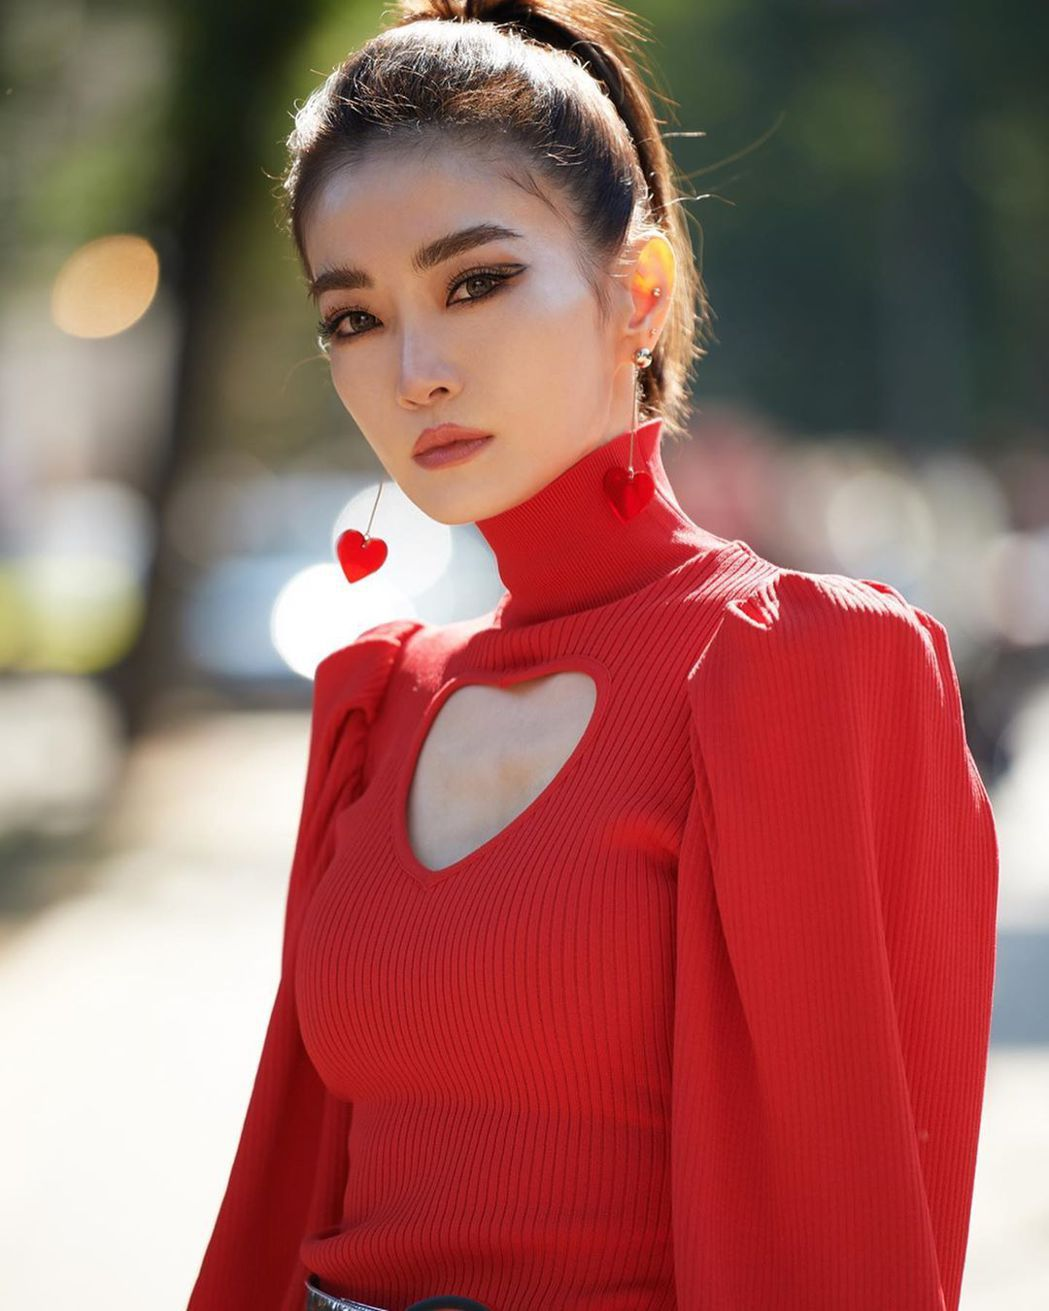 謝金燕辣露「愛心奶」。圖/摘自謝金燕IG